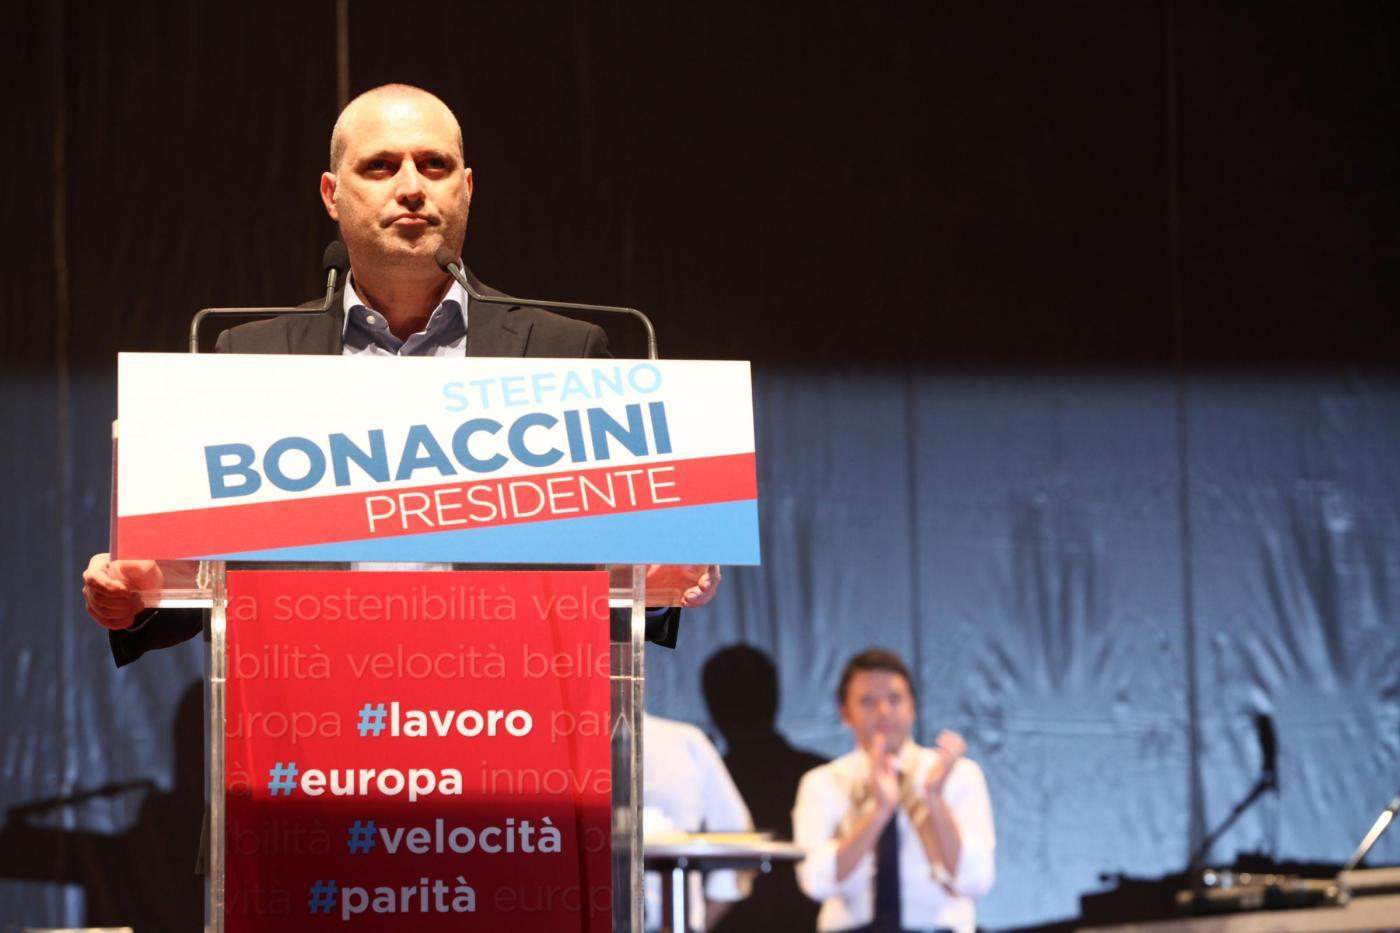 Stefano Bonaccini, chi è il nuovo Presidente della Regione Emilia Romagna?